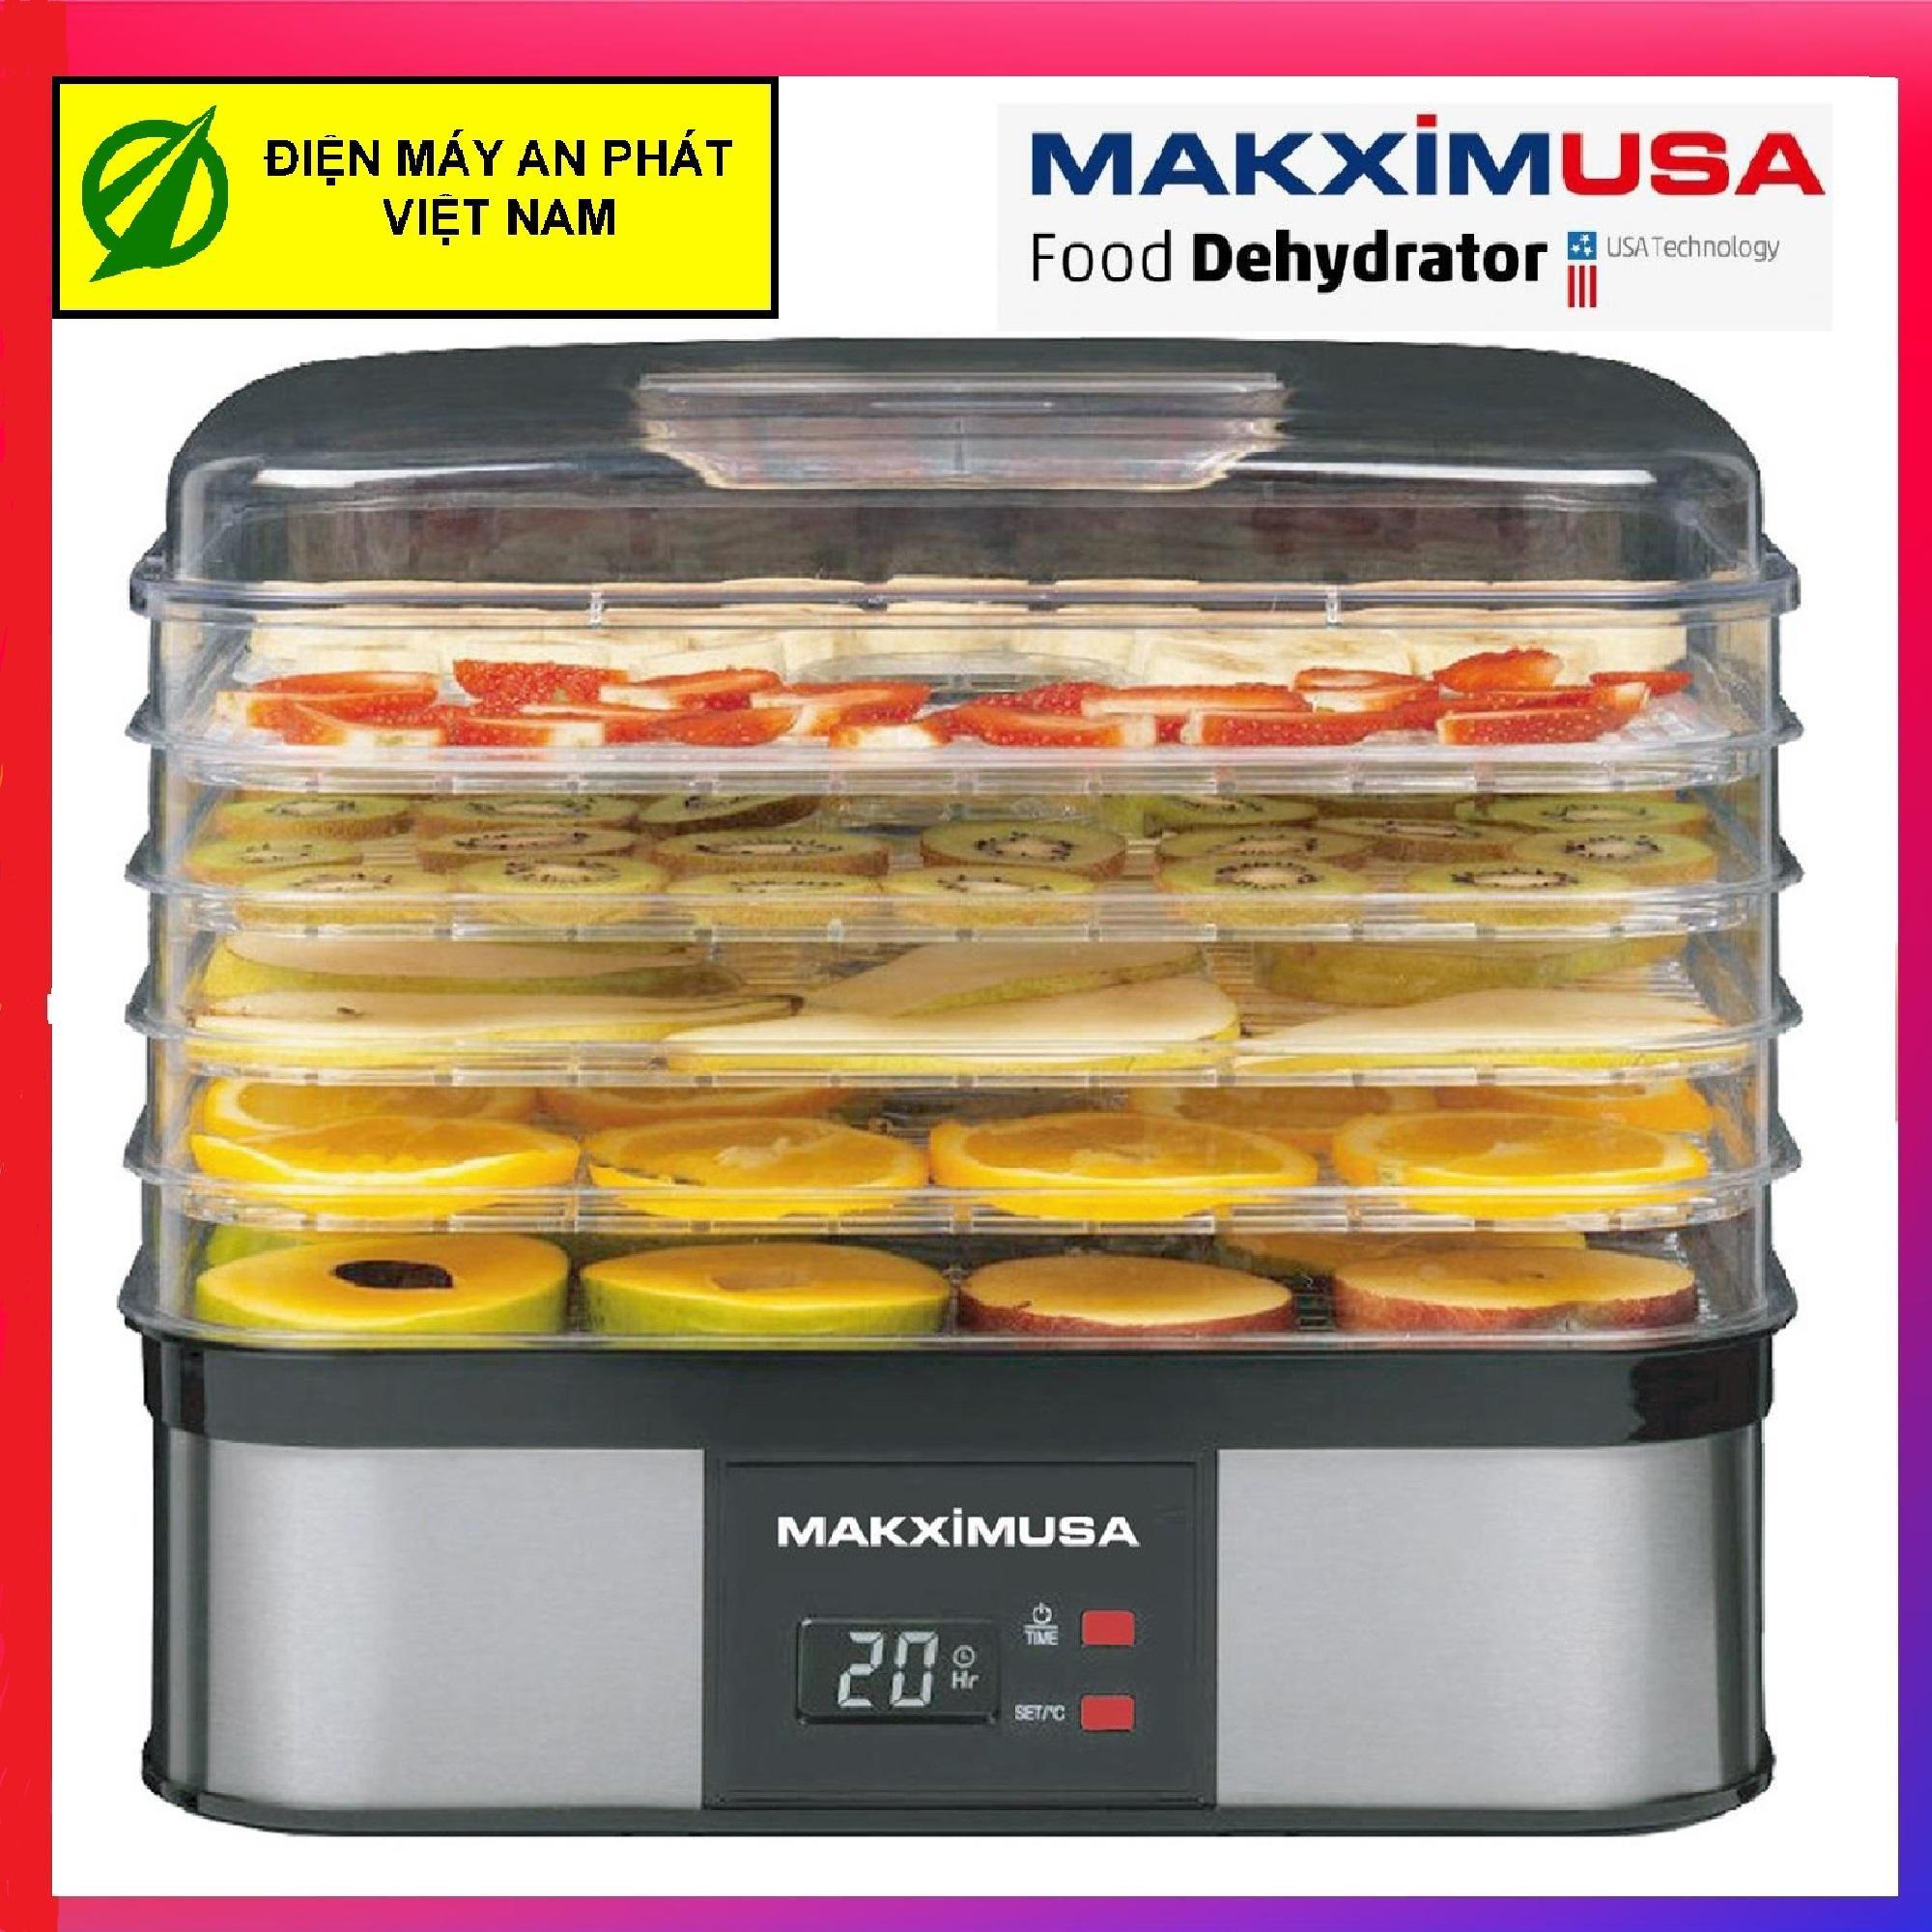 Máy sấy hoa quả thực phẩm Makxim USA MKX-DH-2015 (Hàng Công ty - Bảo hành chính hãng 12 tháng)